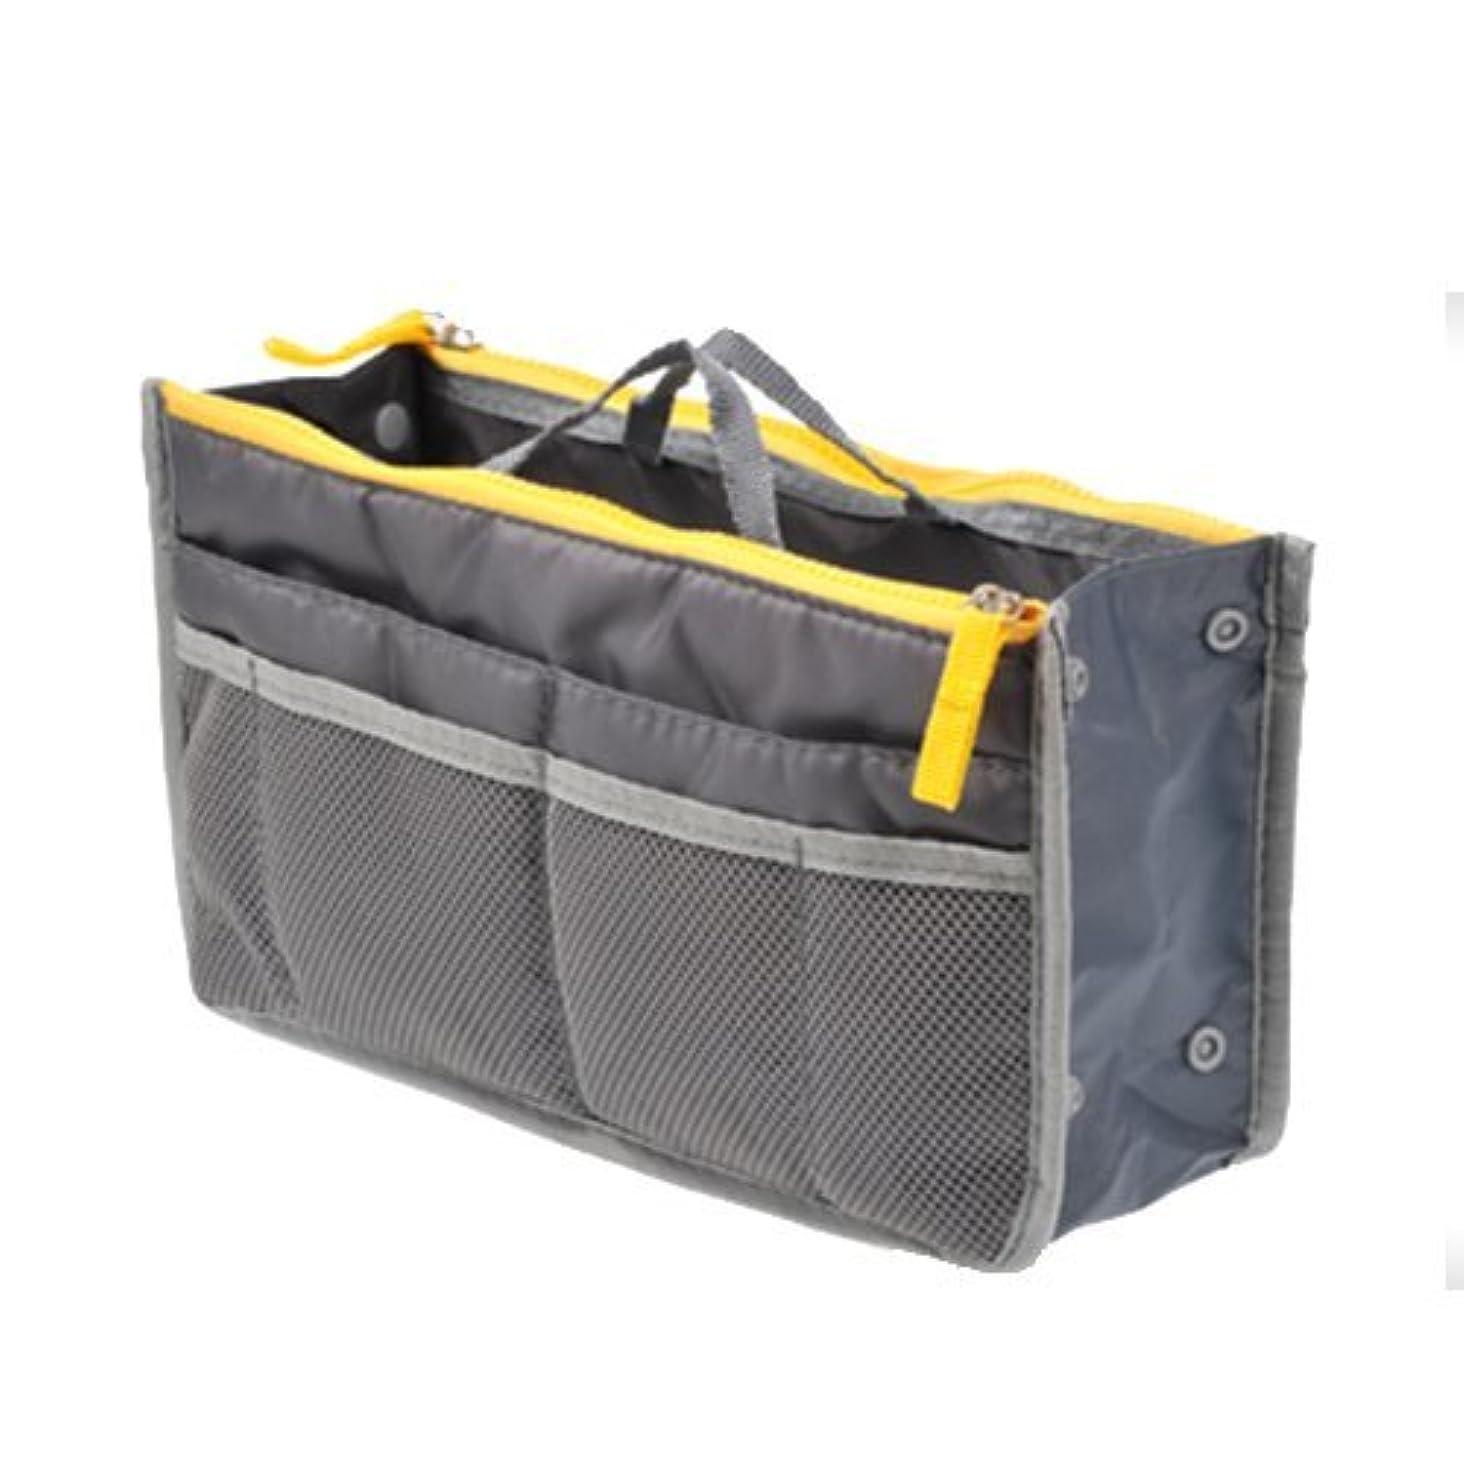 謝罪する複雑でない打ち負かすTENDOC 高品質 バッグでバッグを簡単収納 お財布 携帯などの必需品から手帳やペンもピッタリサイズ グレー